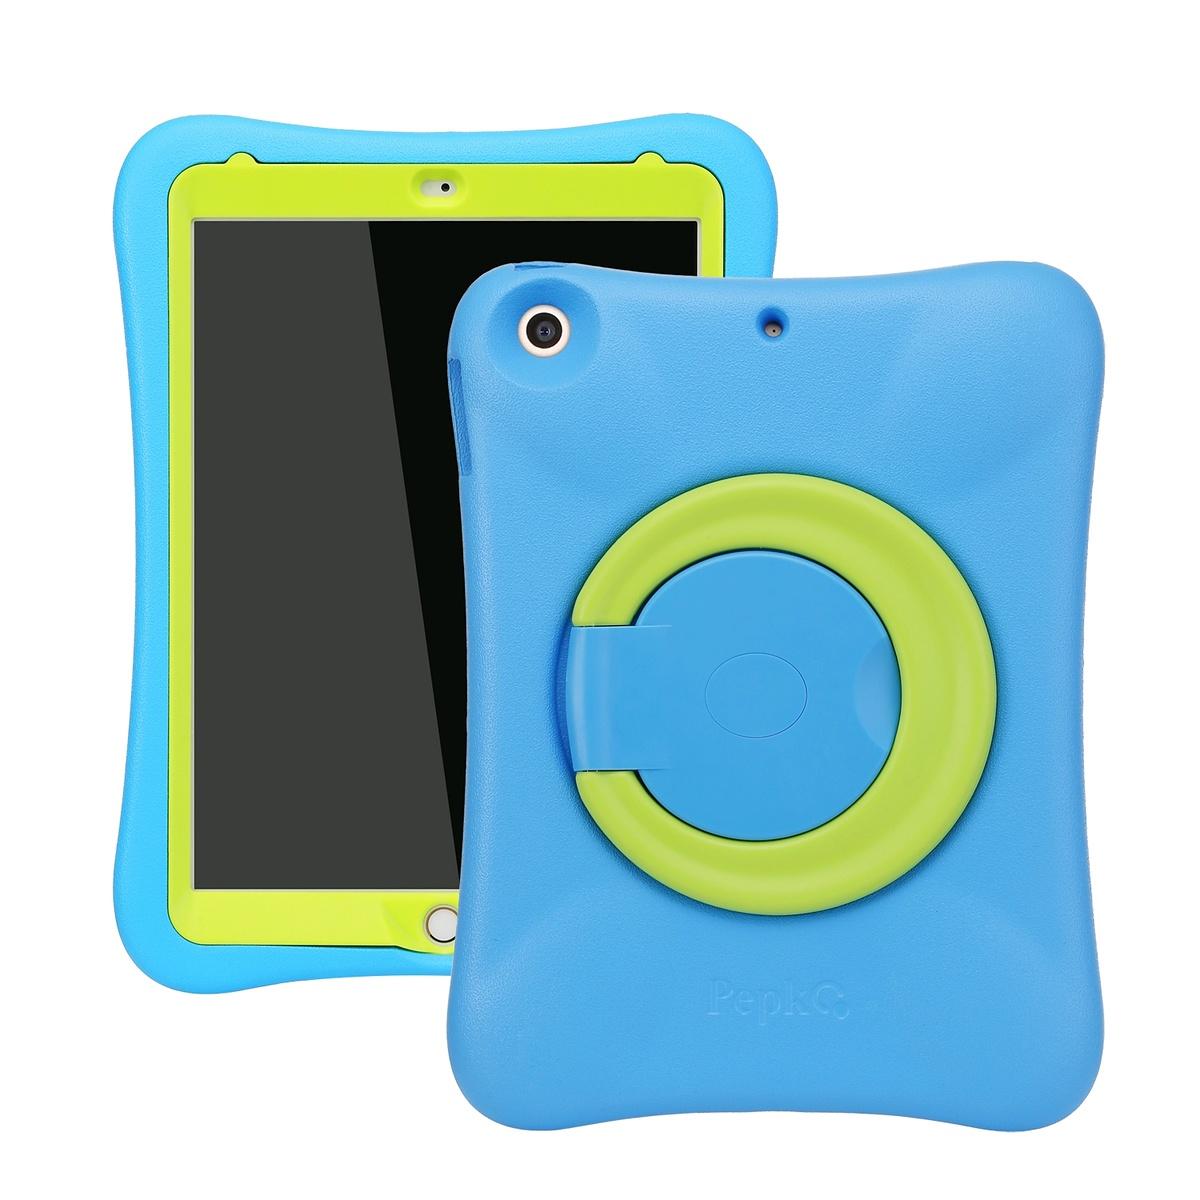 Barnfodral till iPad Air/Air 2/iPad 9.7(2017-2018), blå/grön